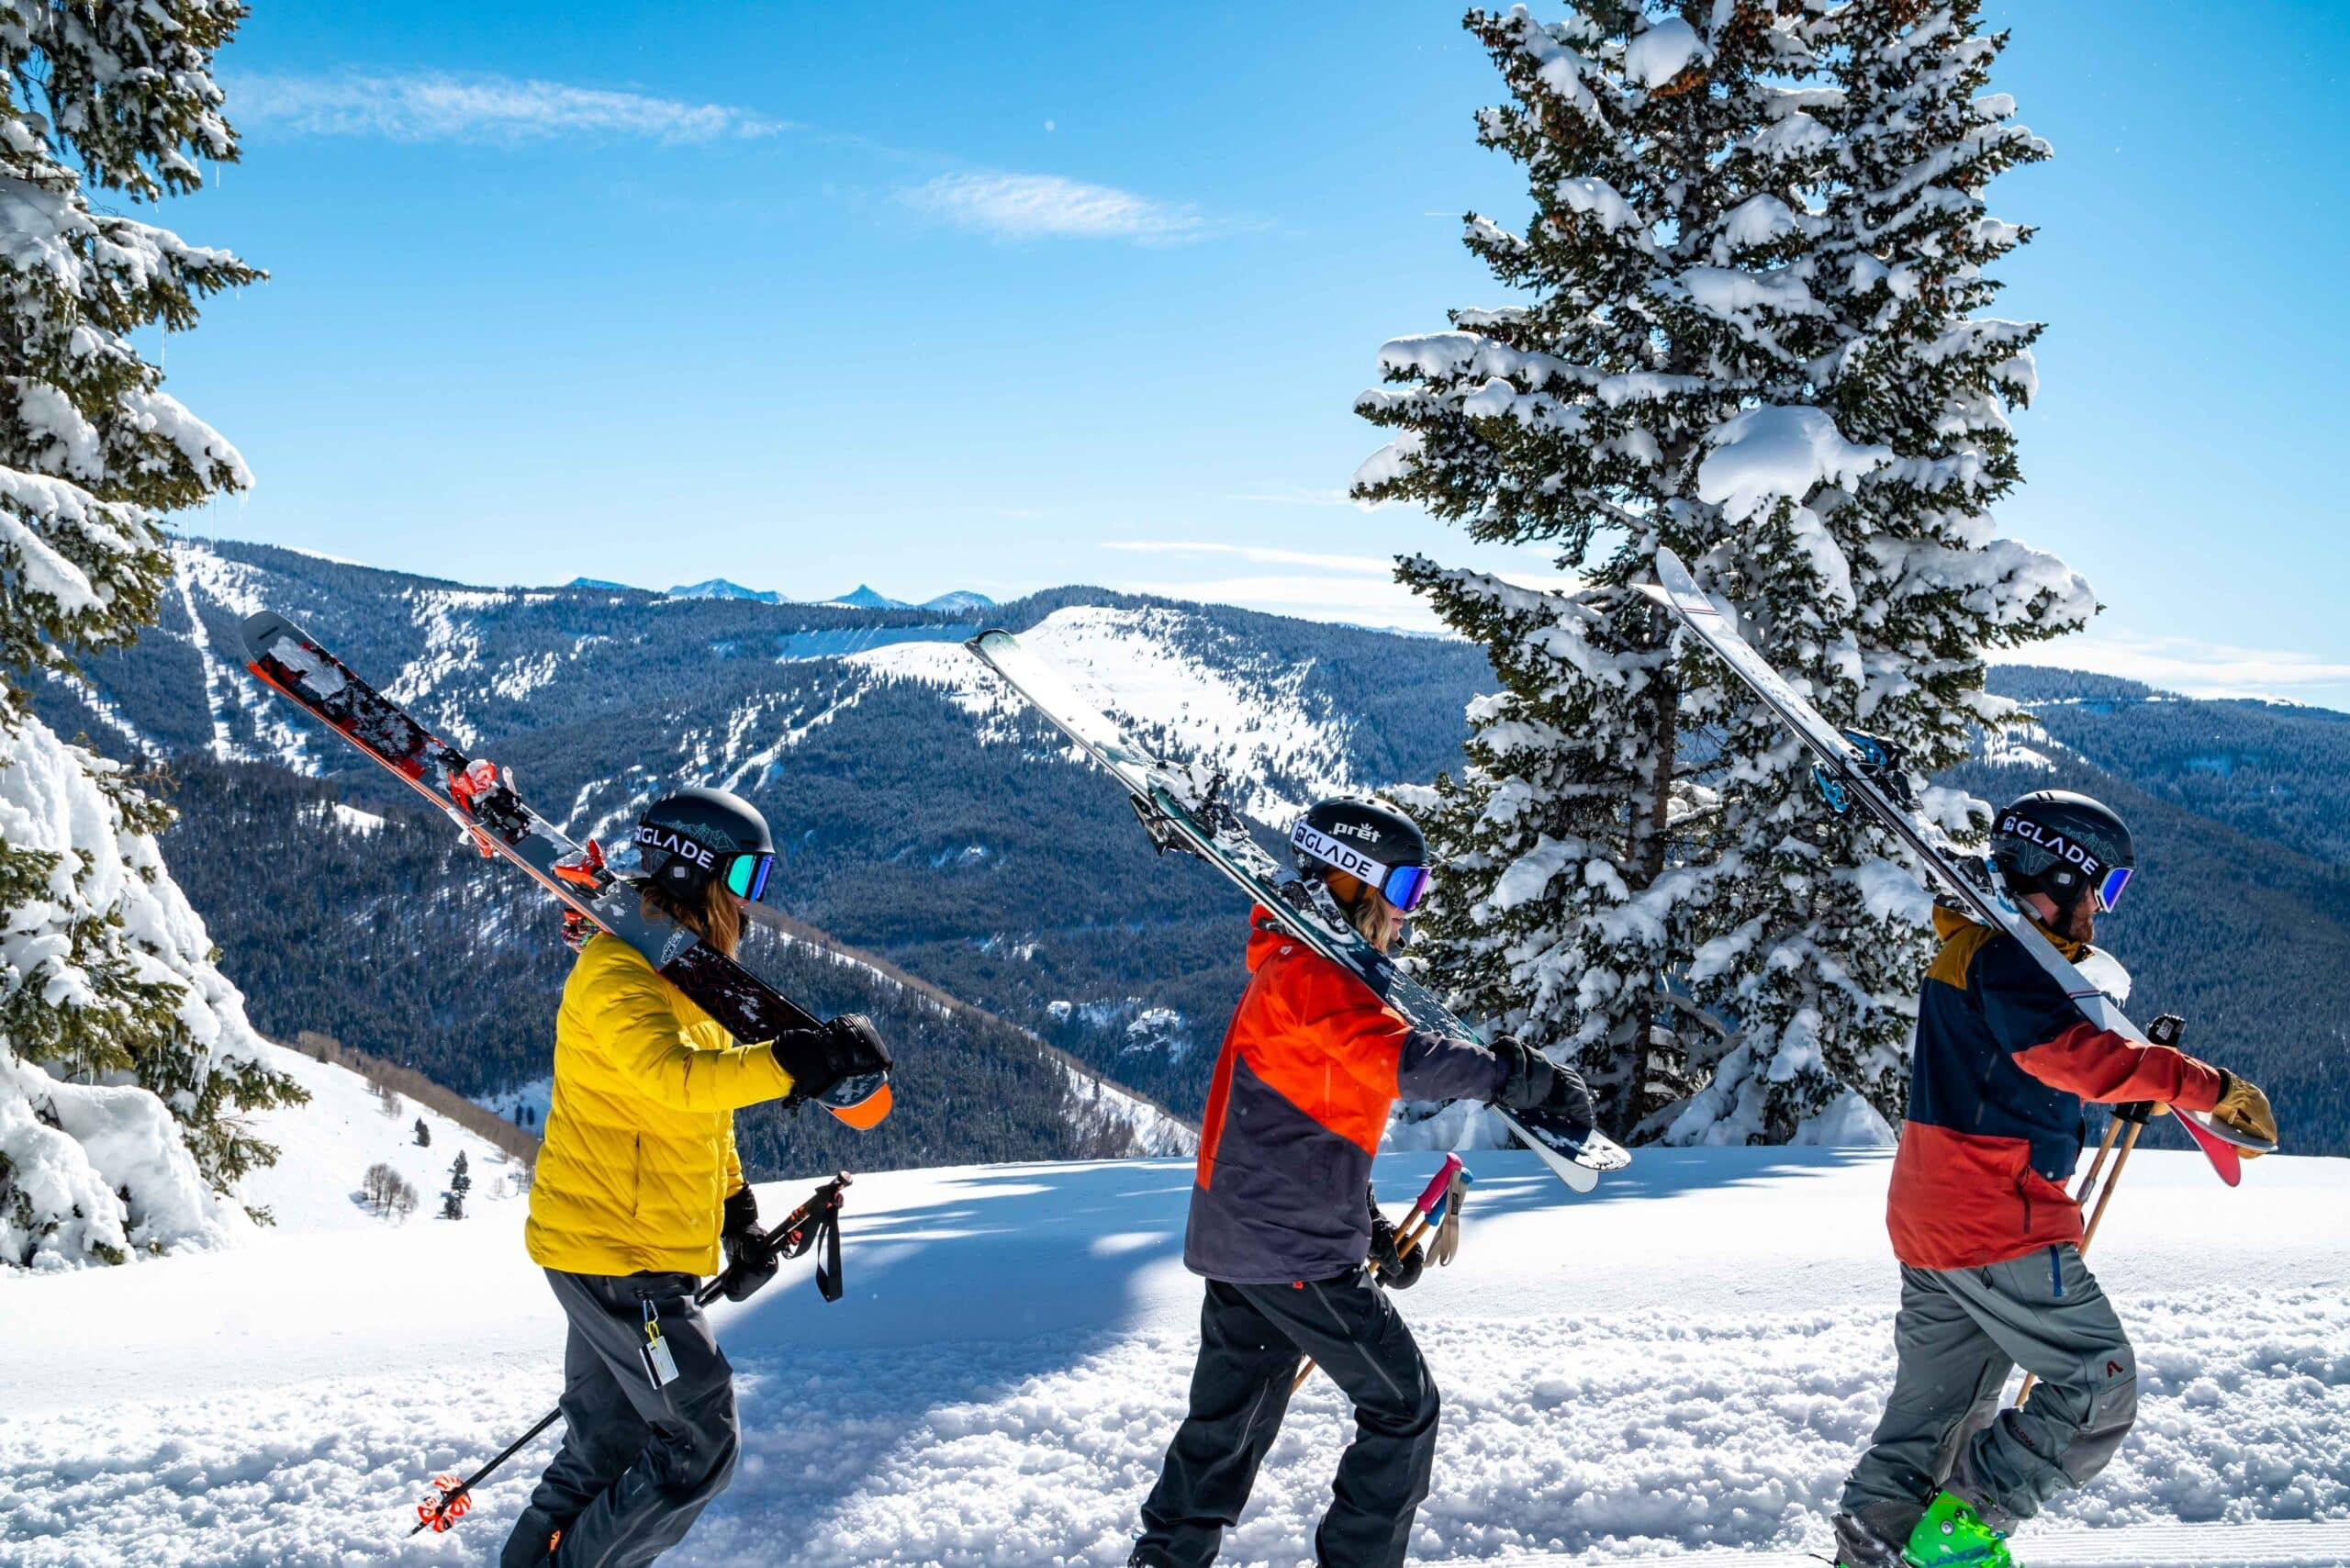 skiers freeride skiing